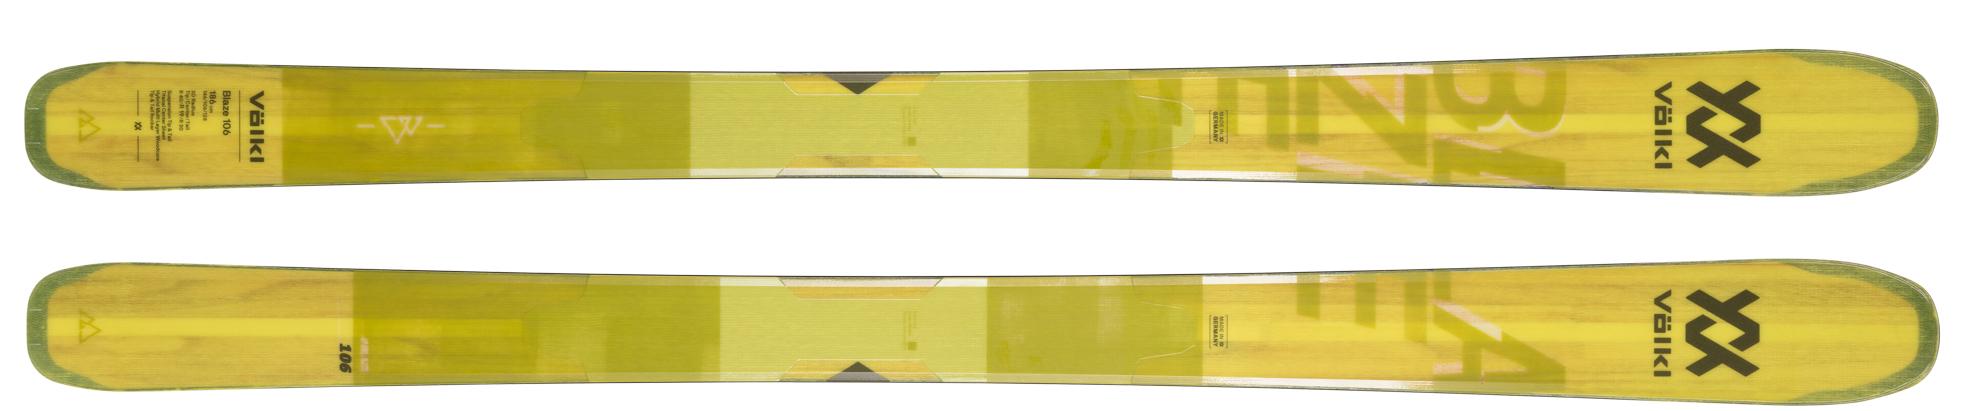 Voelkl ski Blaze 106